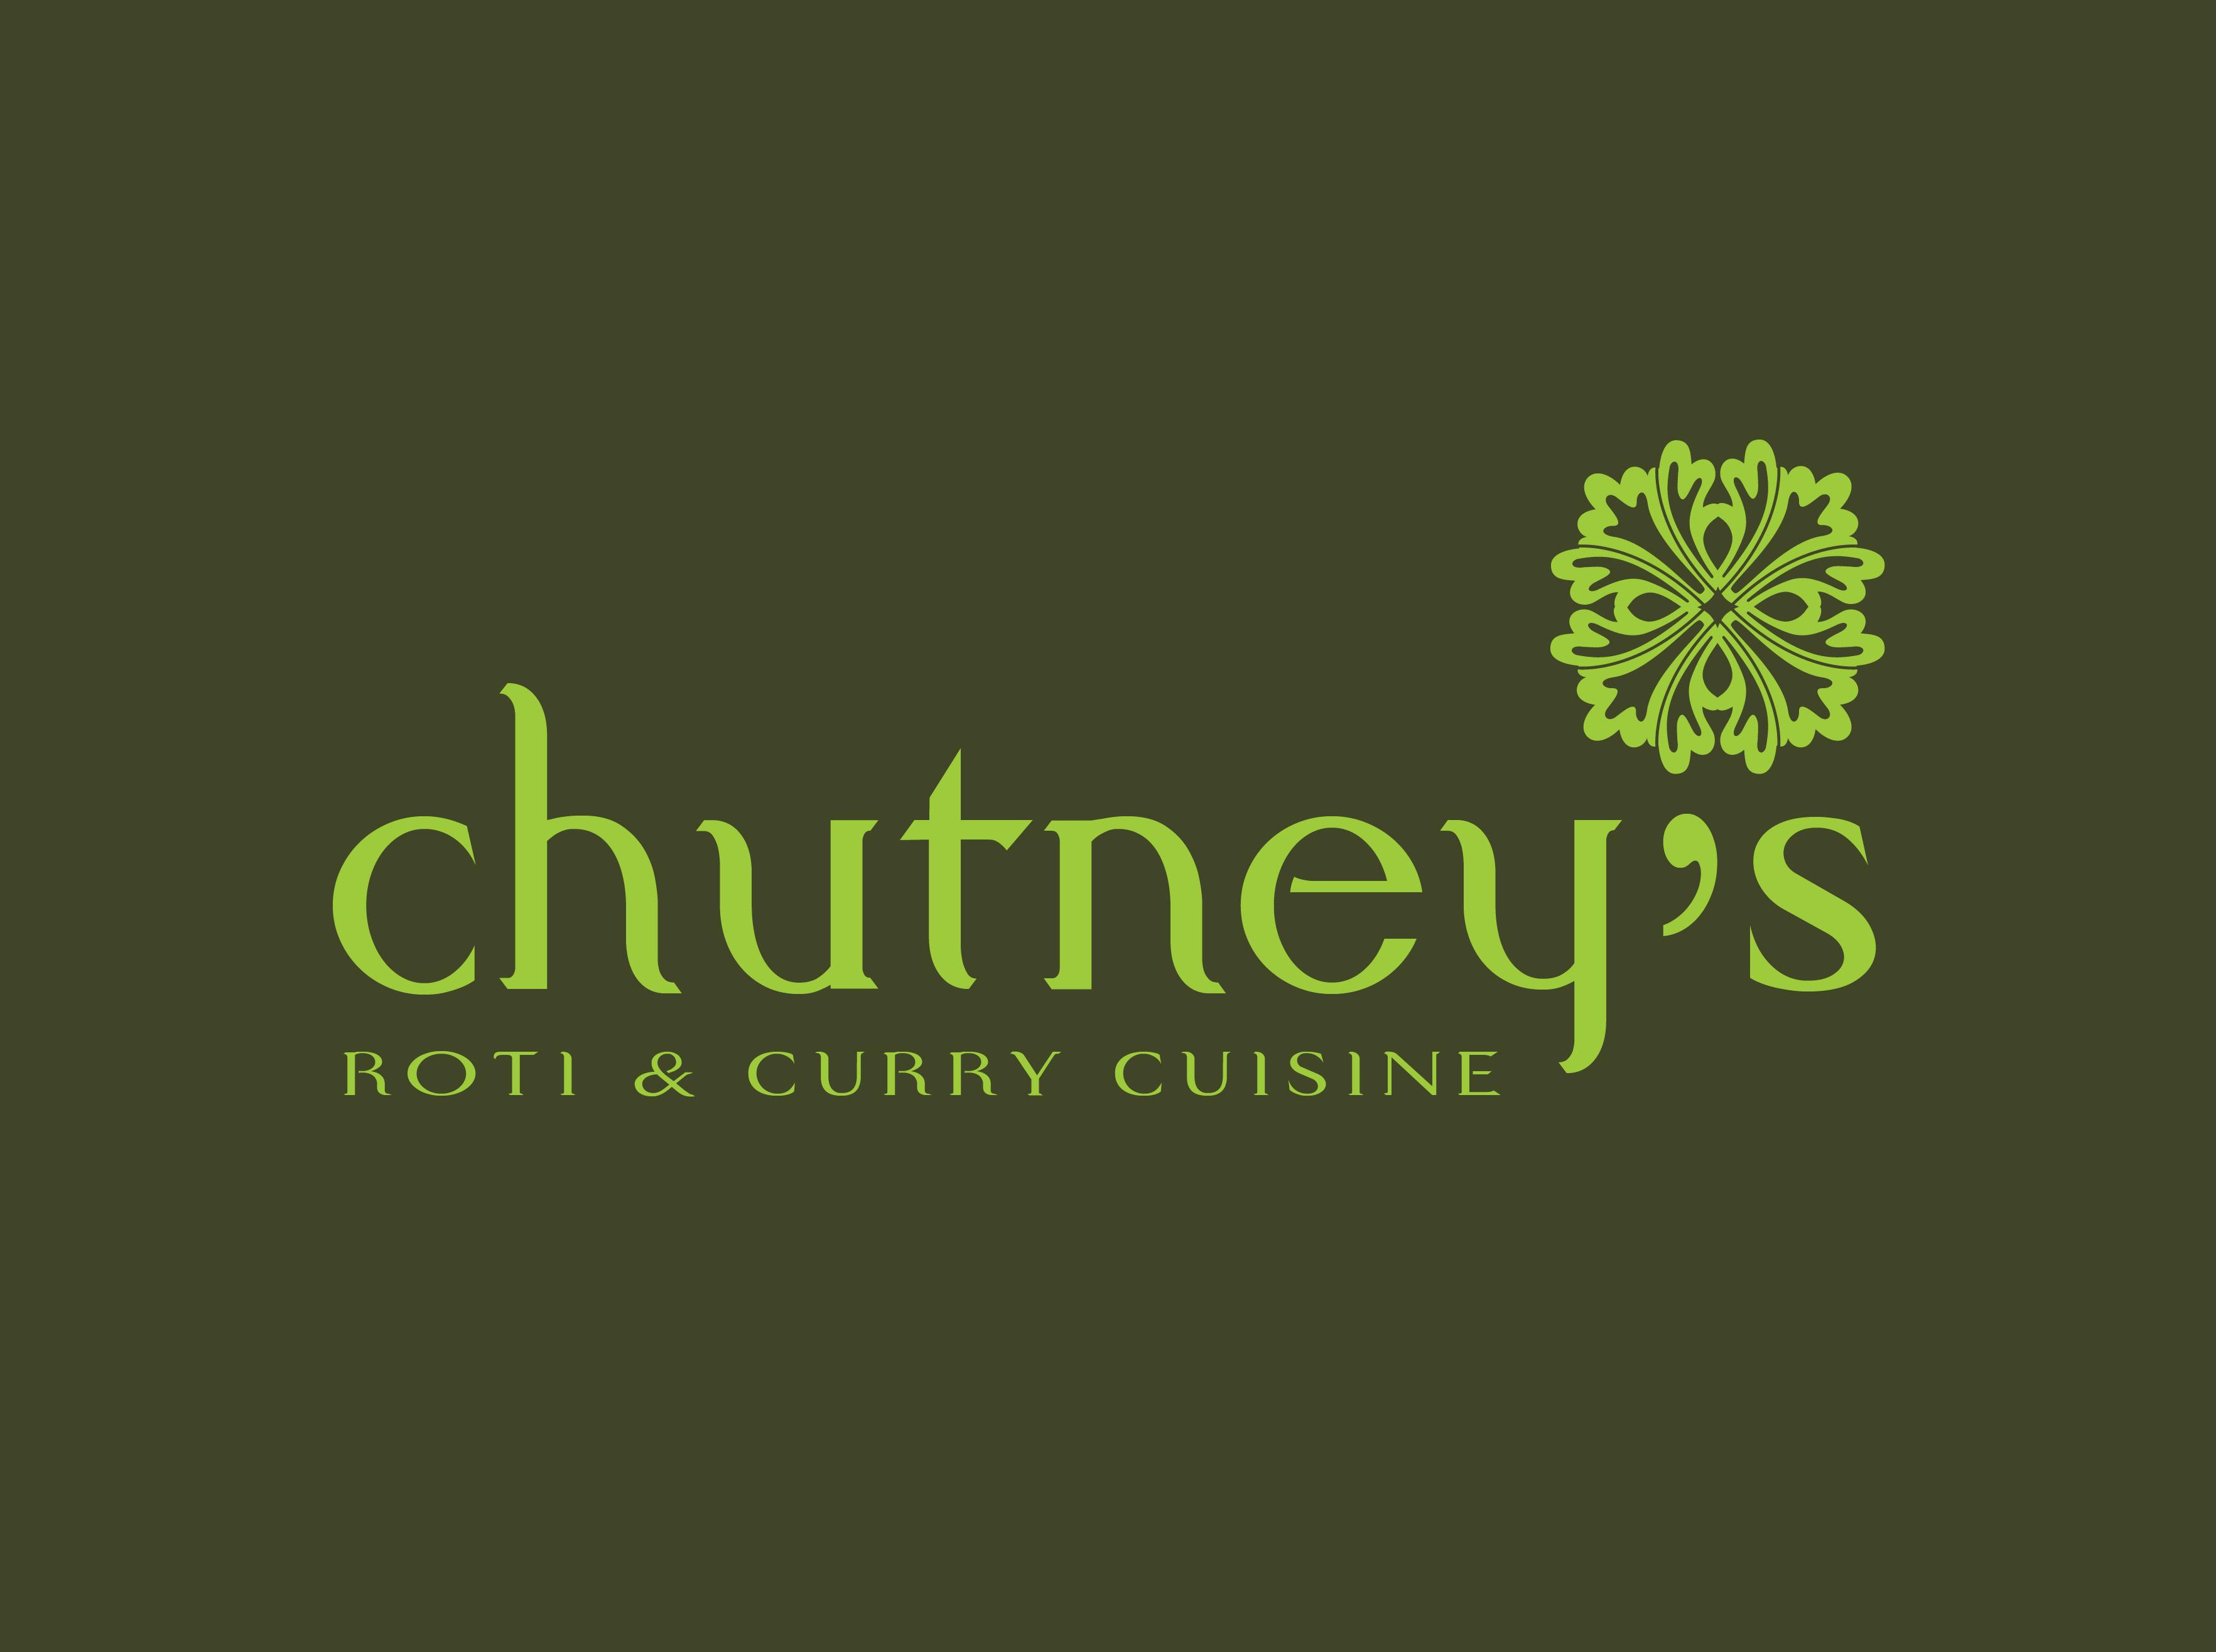 Chutneys Roti & Curry Cuisine